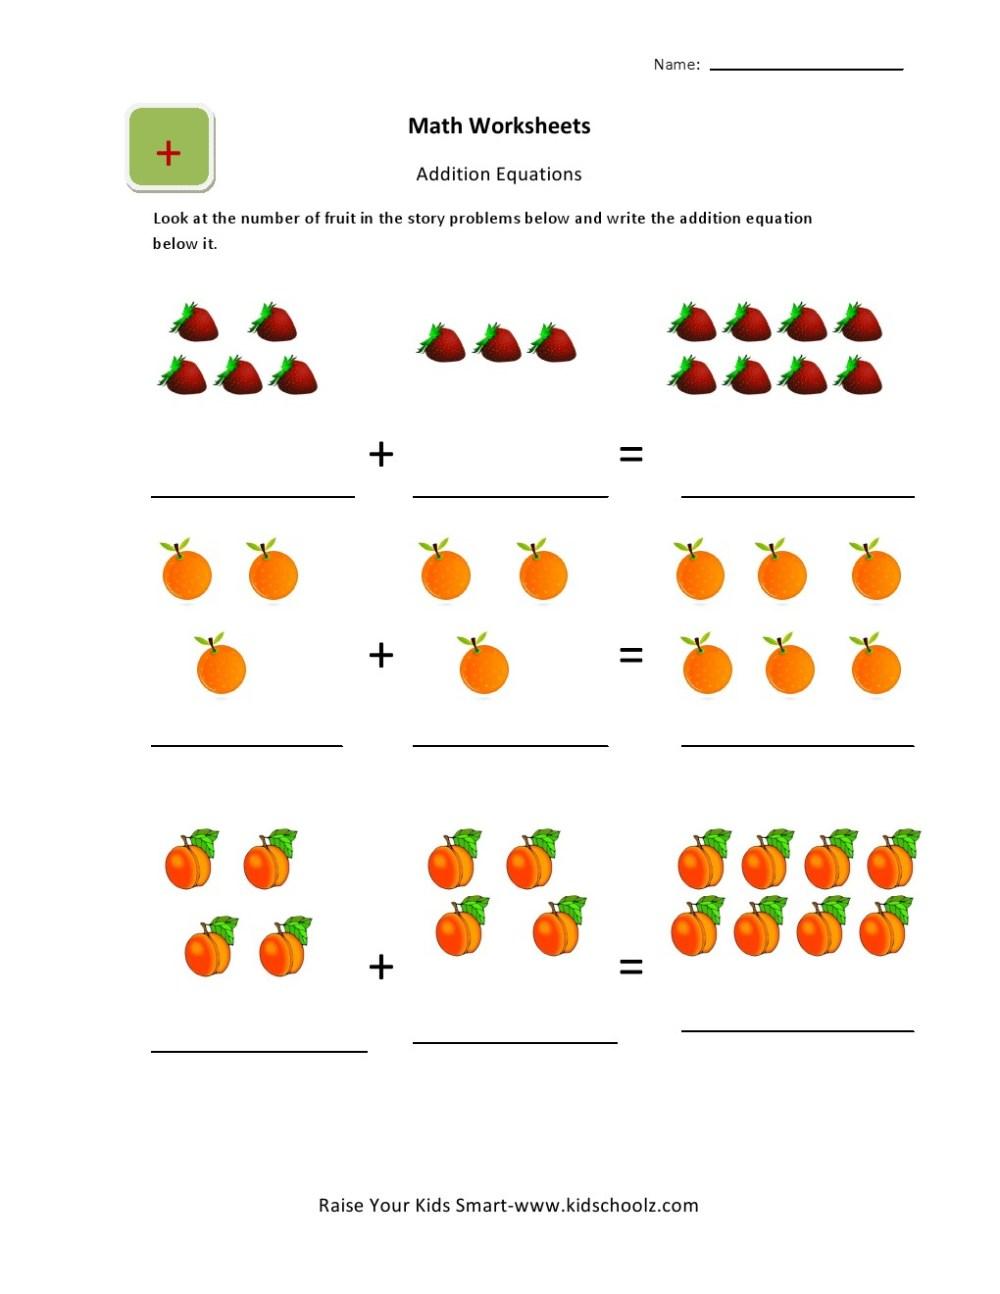 medium resolution of UKG-Basic Picture Addition Worksheets for Kids - Kidschoolz